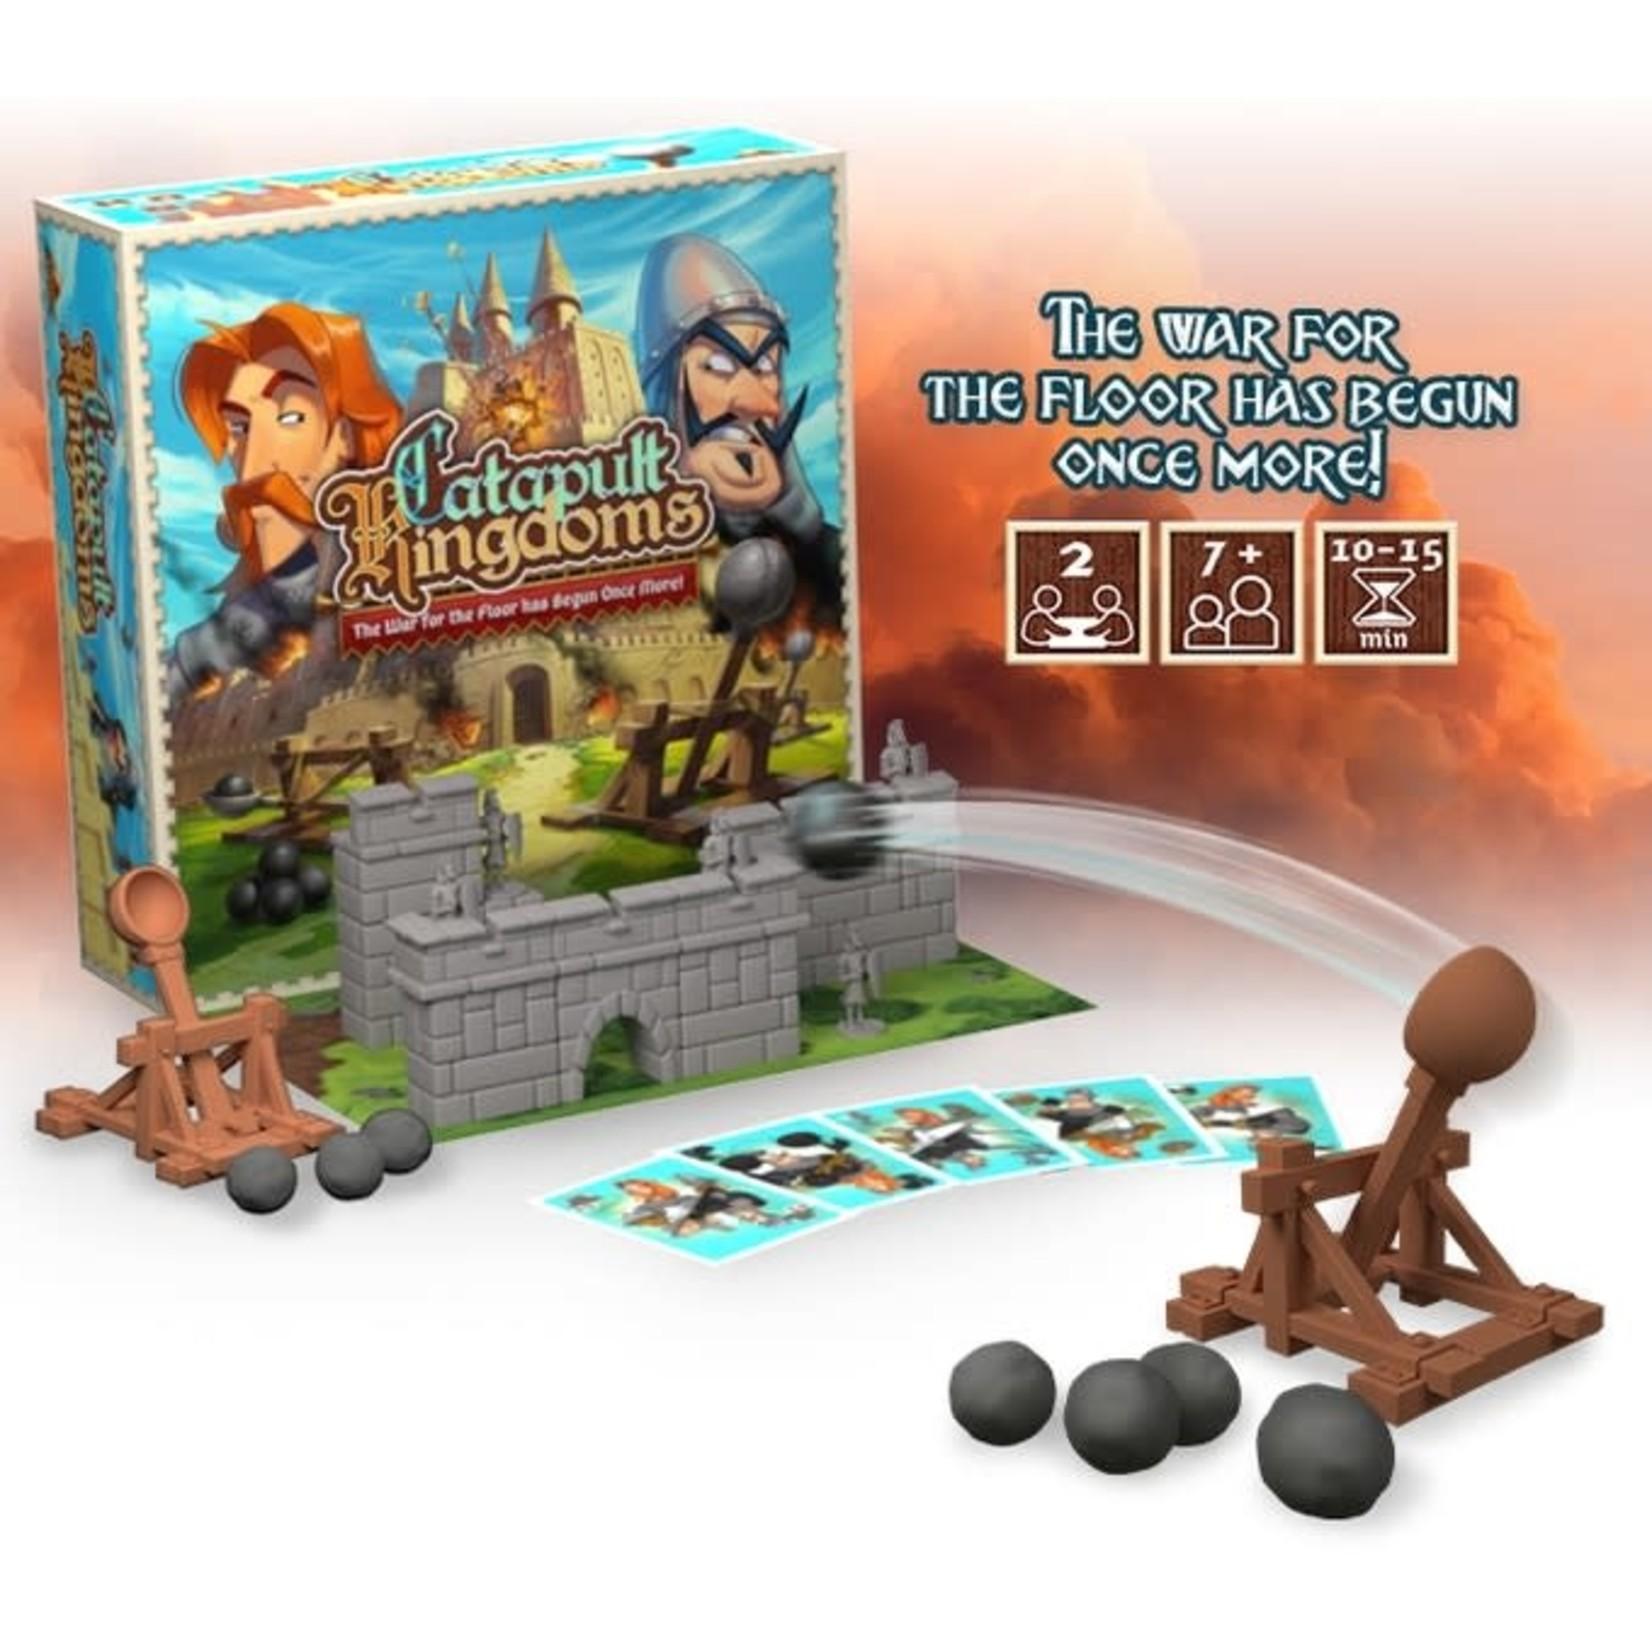 Vesuvius Media Catapult Feud (Catapult Kingdom Kickstarter)